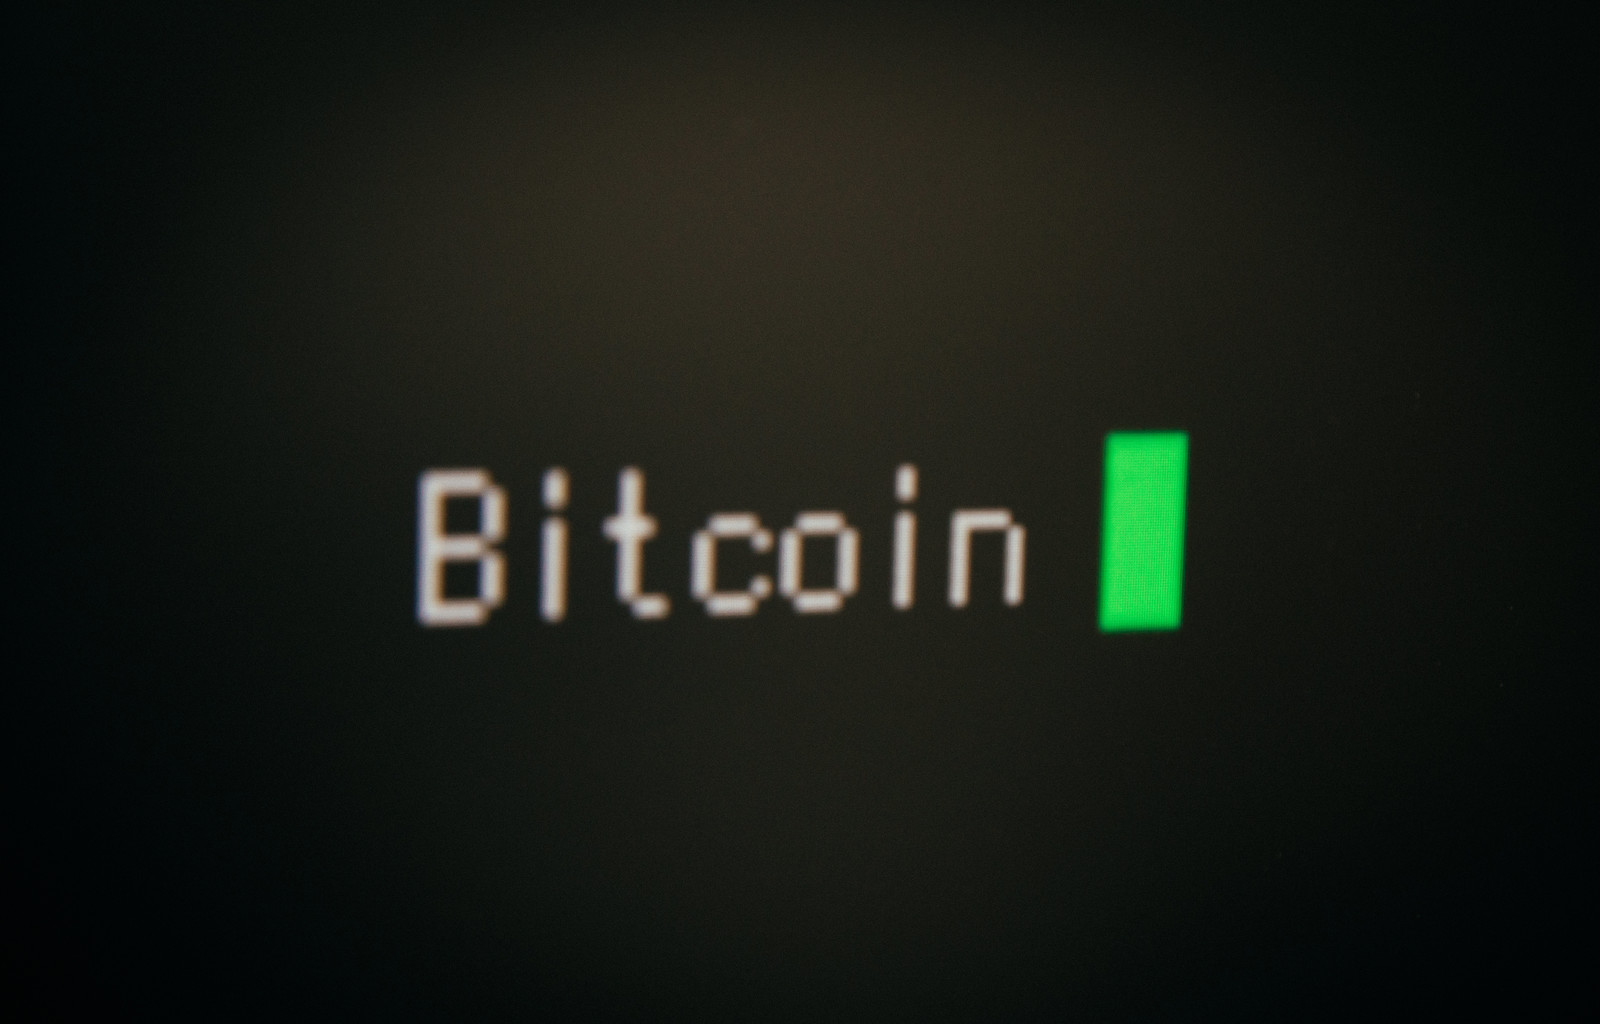 「モニターに表示された「Bitcoin」モニターに表示された「Bitcoin」」のフリー写真素材を拡大